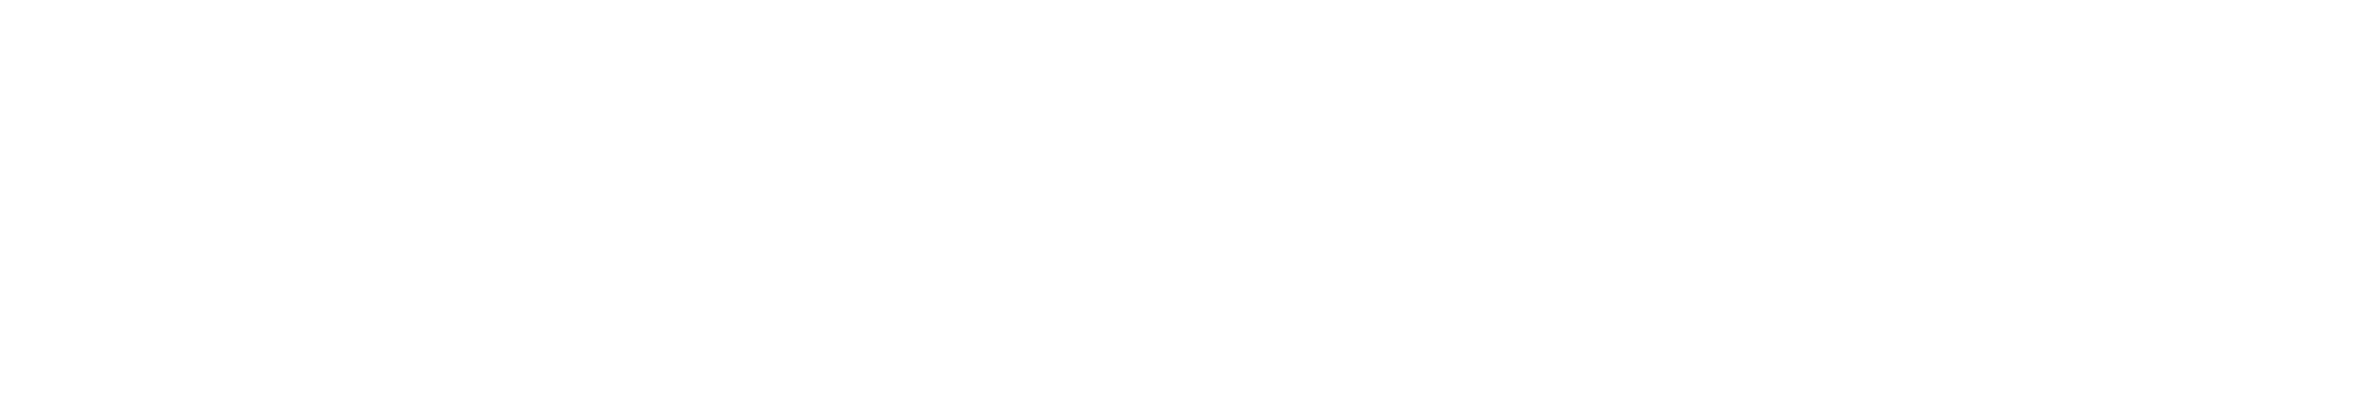 vicfoundry.com